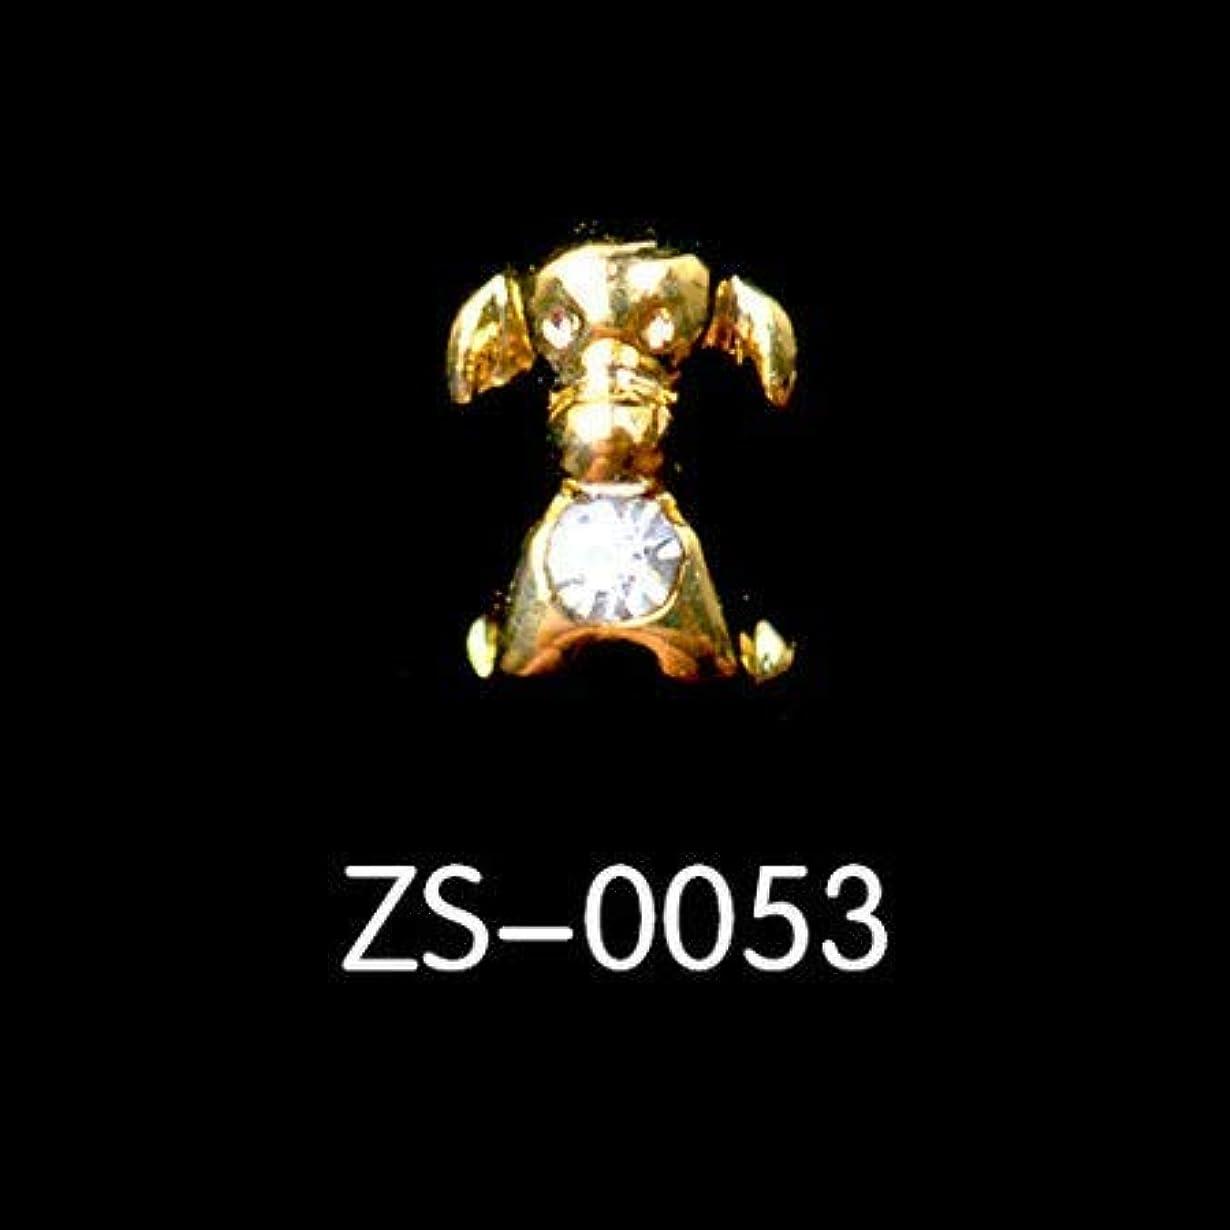 太字冊子牧師AiCheaX 20pcsかわいい動物デザイン3Dシルバー/ゴールド合金ネイルアートDIYラインストーンデコレーションメタルネイルアートアクセサリーネイルジュエリー-(色:ZS0053)